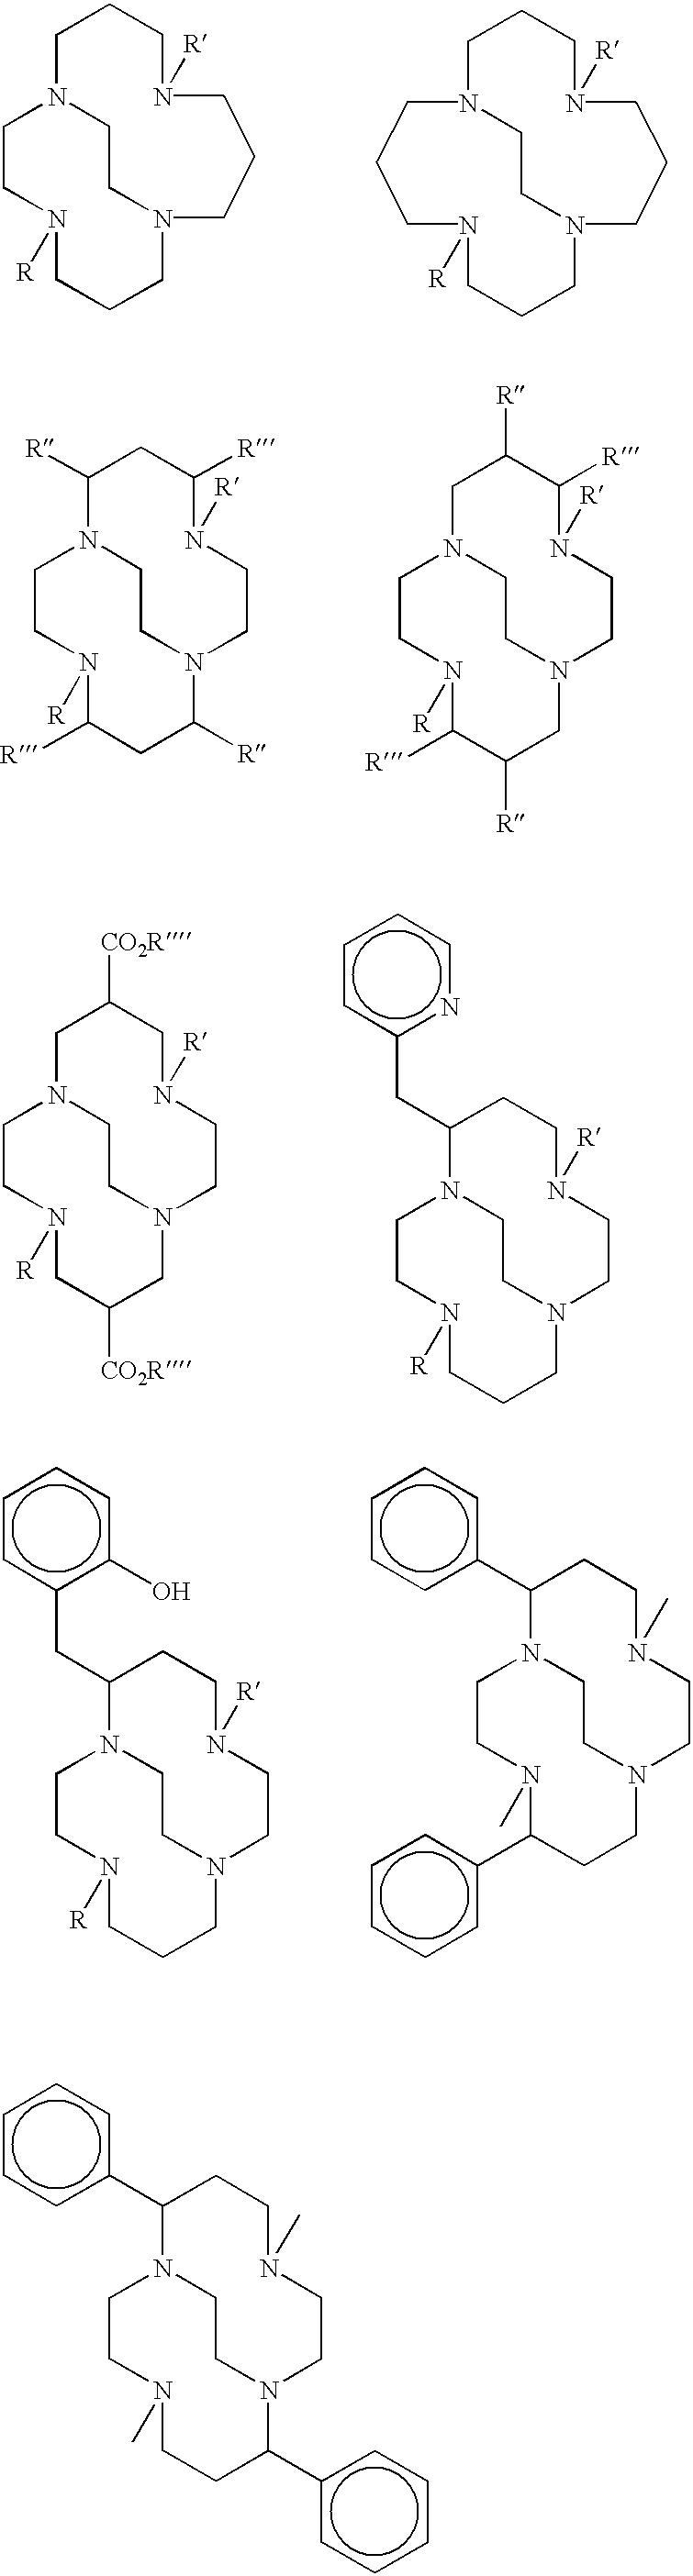 Figure US06566318-20030520-C00027